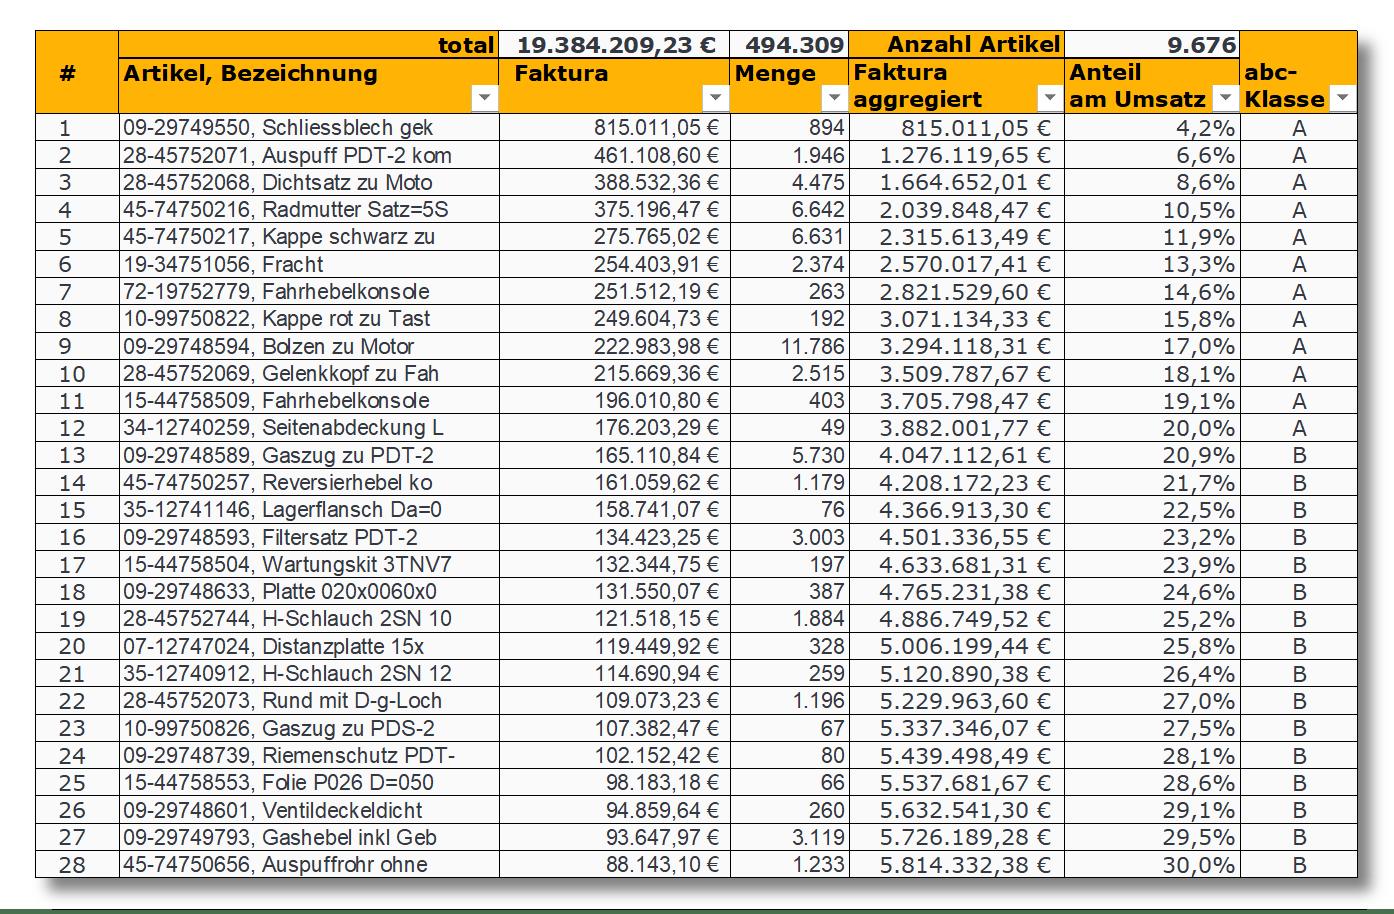 Tabelle abc-Analyse Ersatzteil-Umsatz